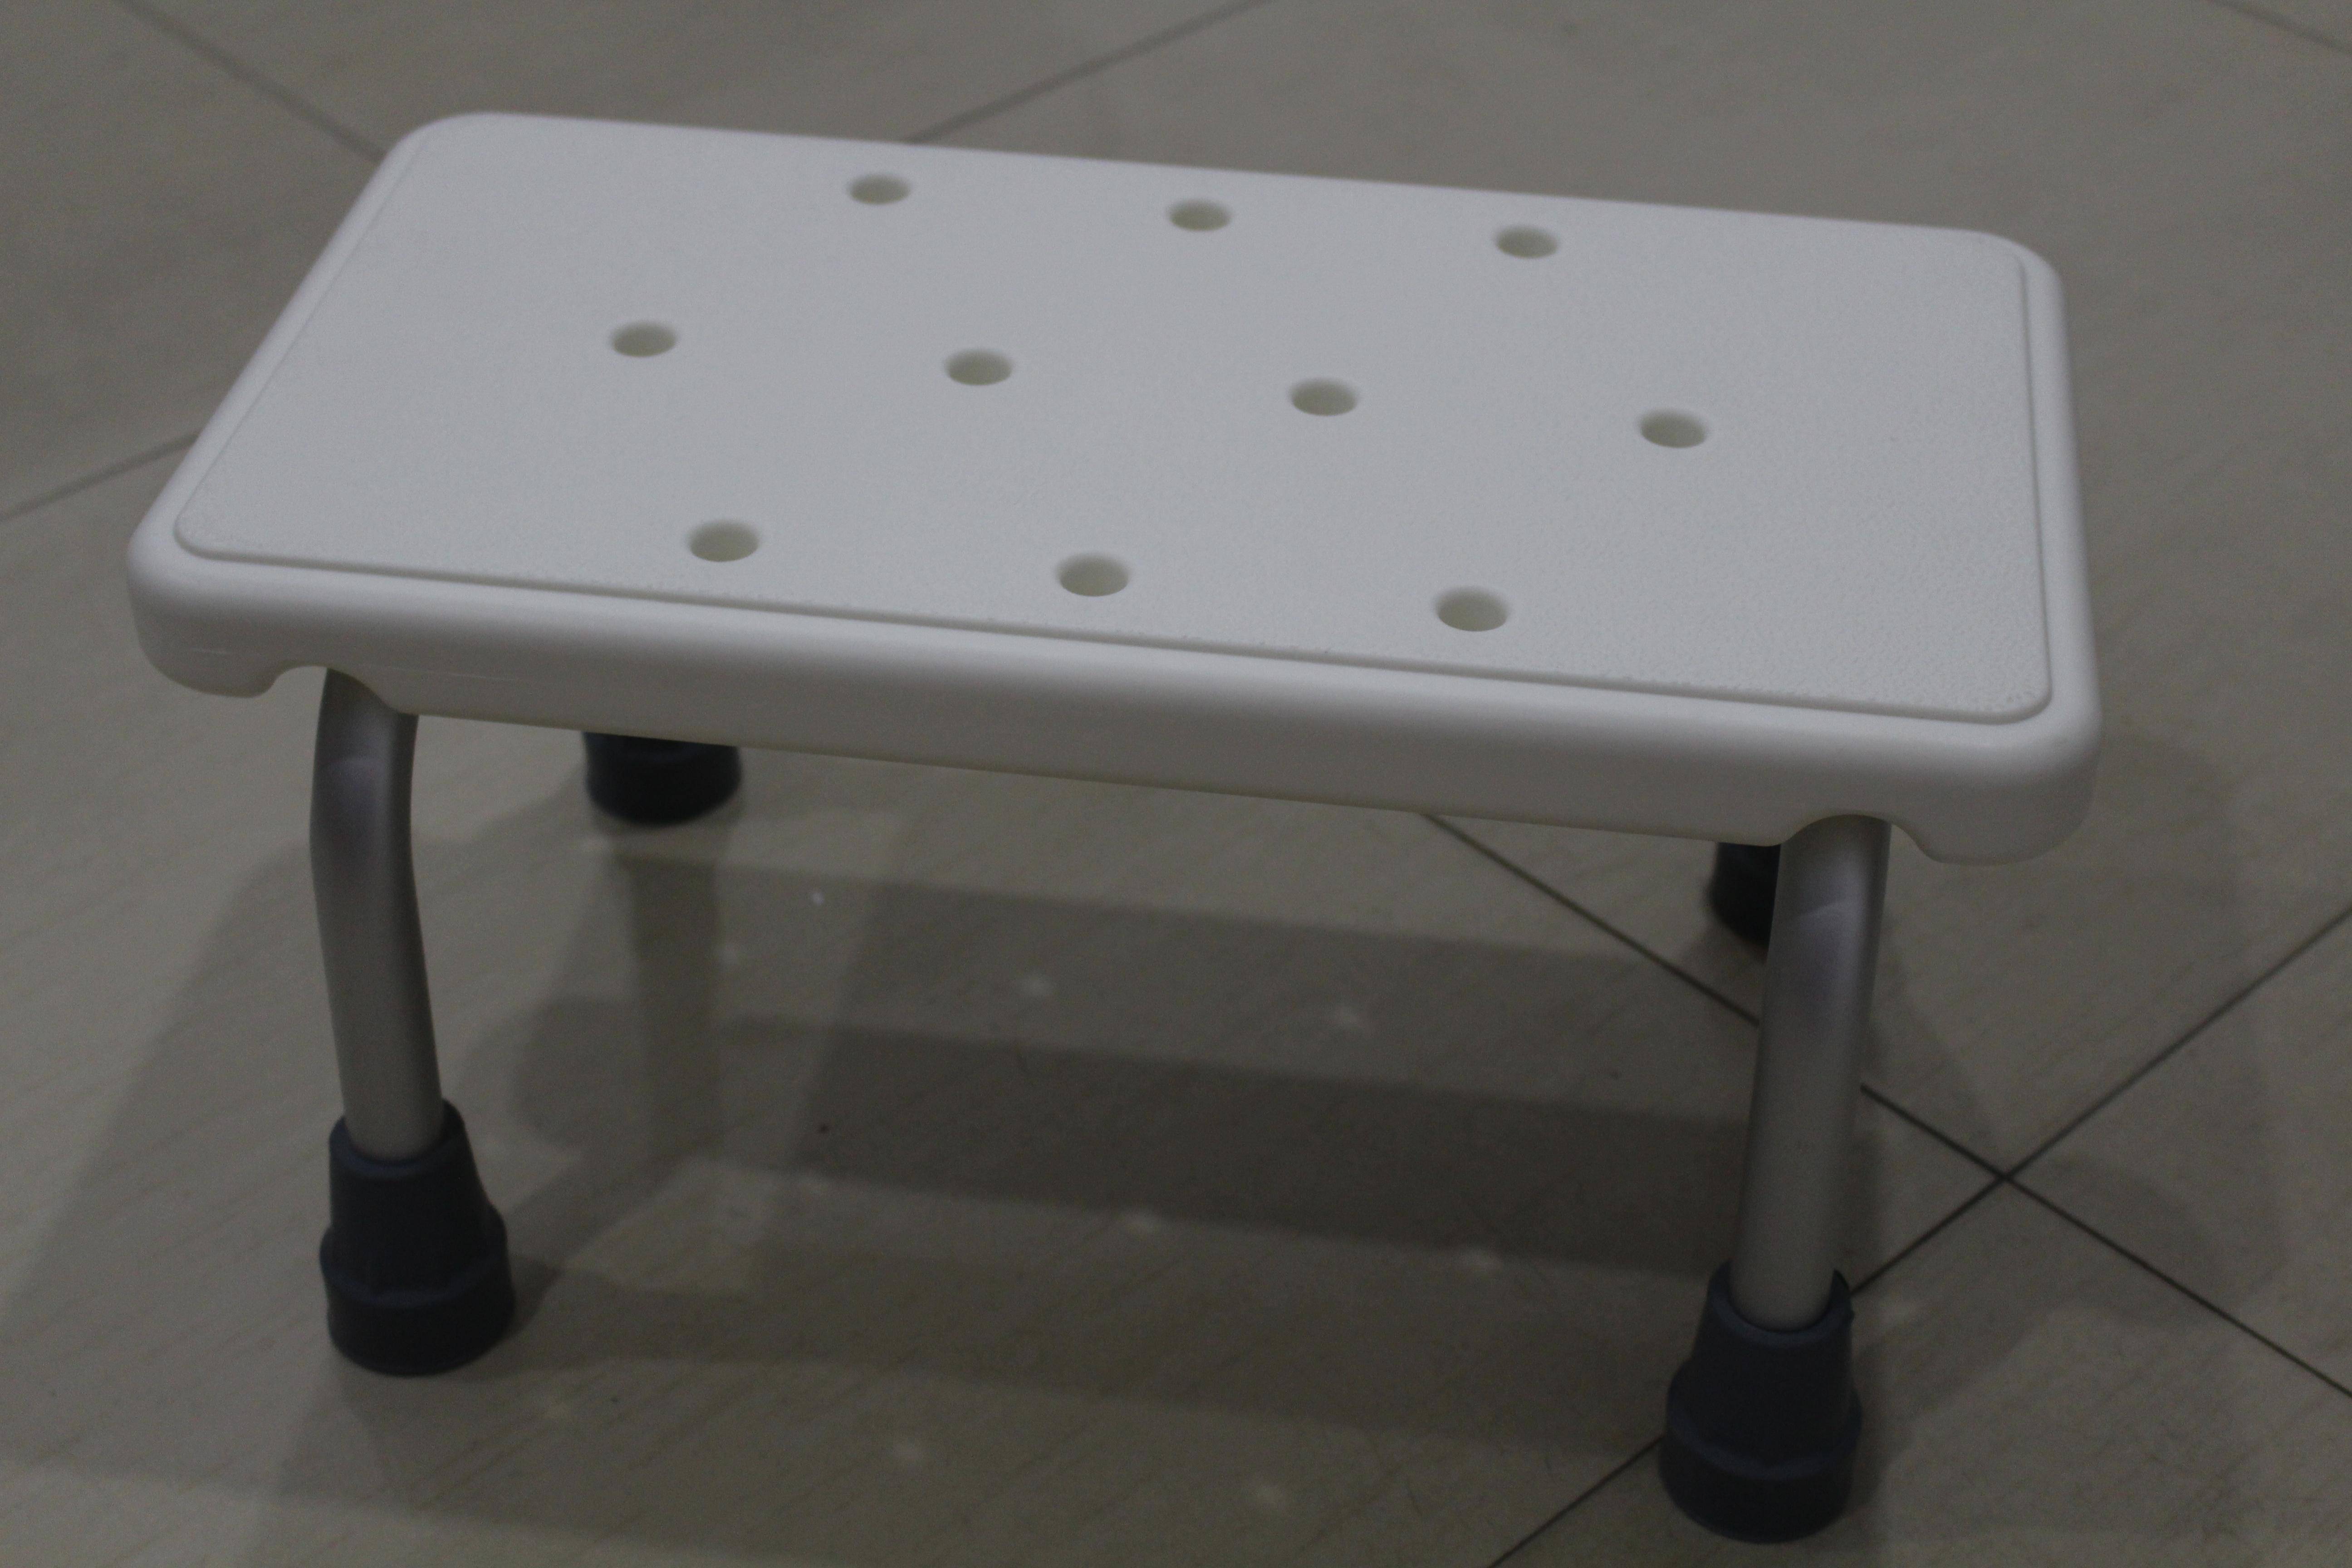 Degrau Banheira/Duche Mod. 12035KD